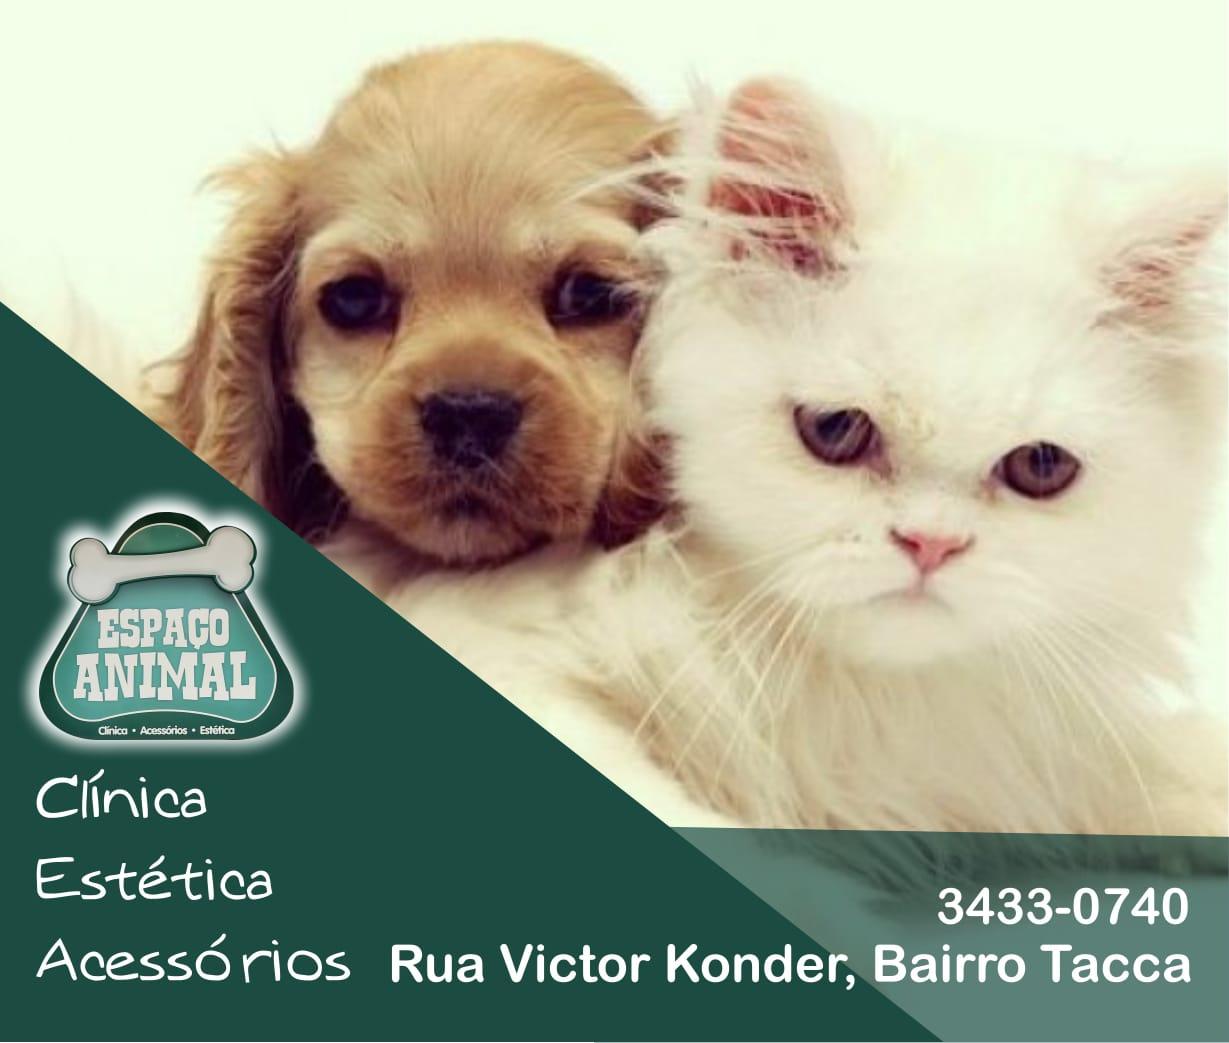 Espaço Animal Pet Home